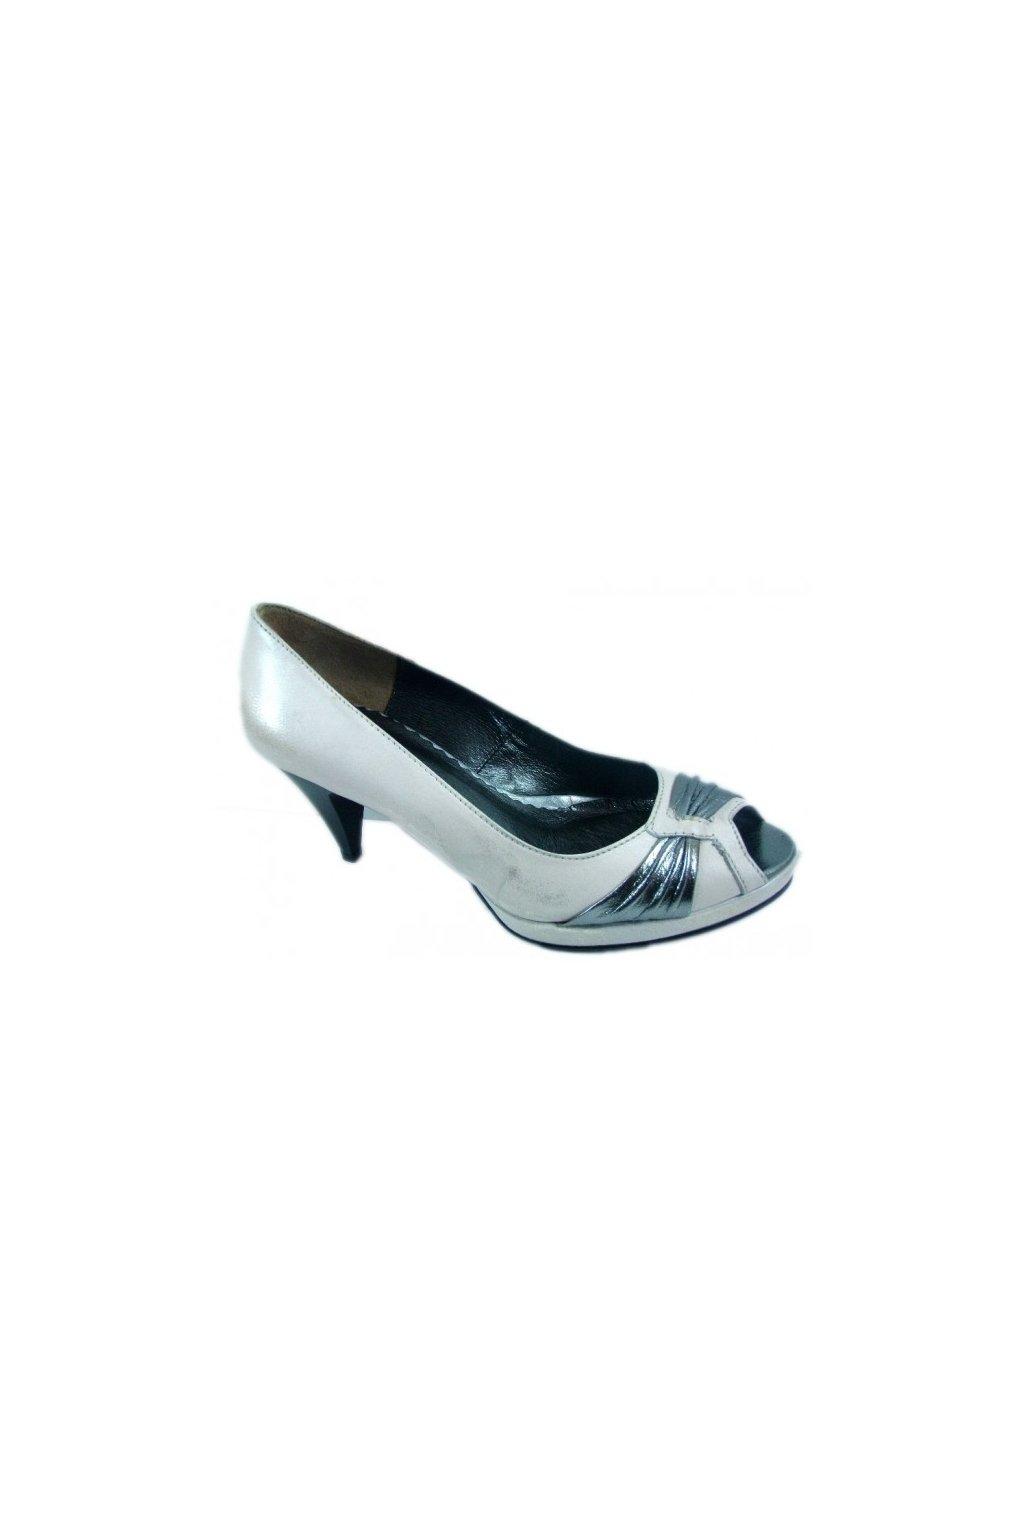 Podměrná dámská obuv Hujo C94